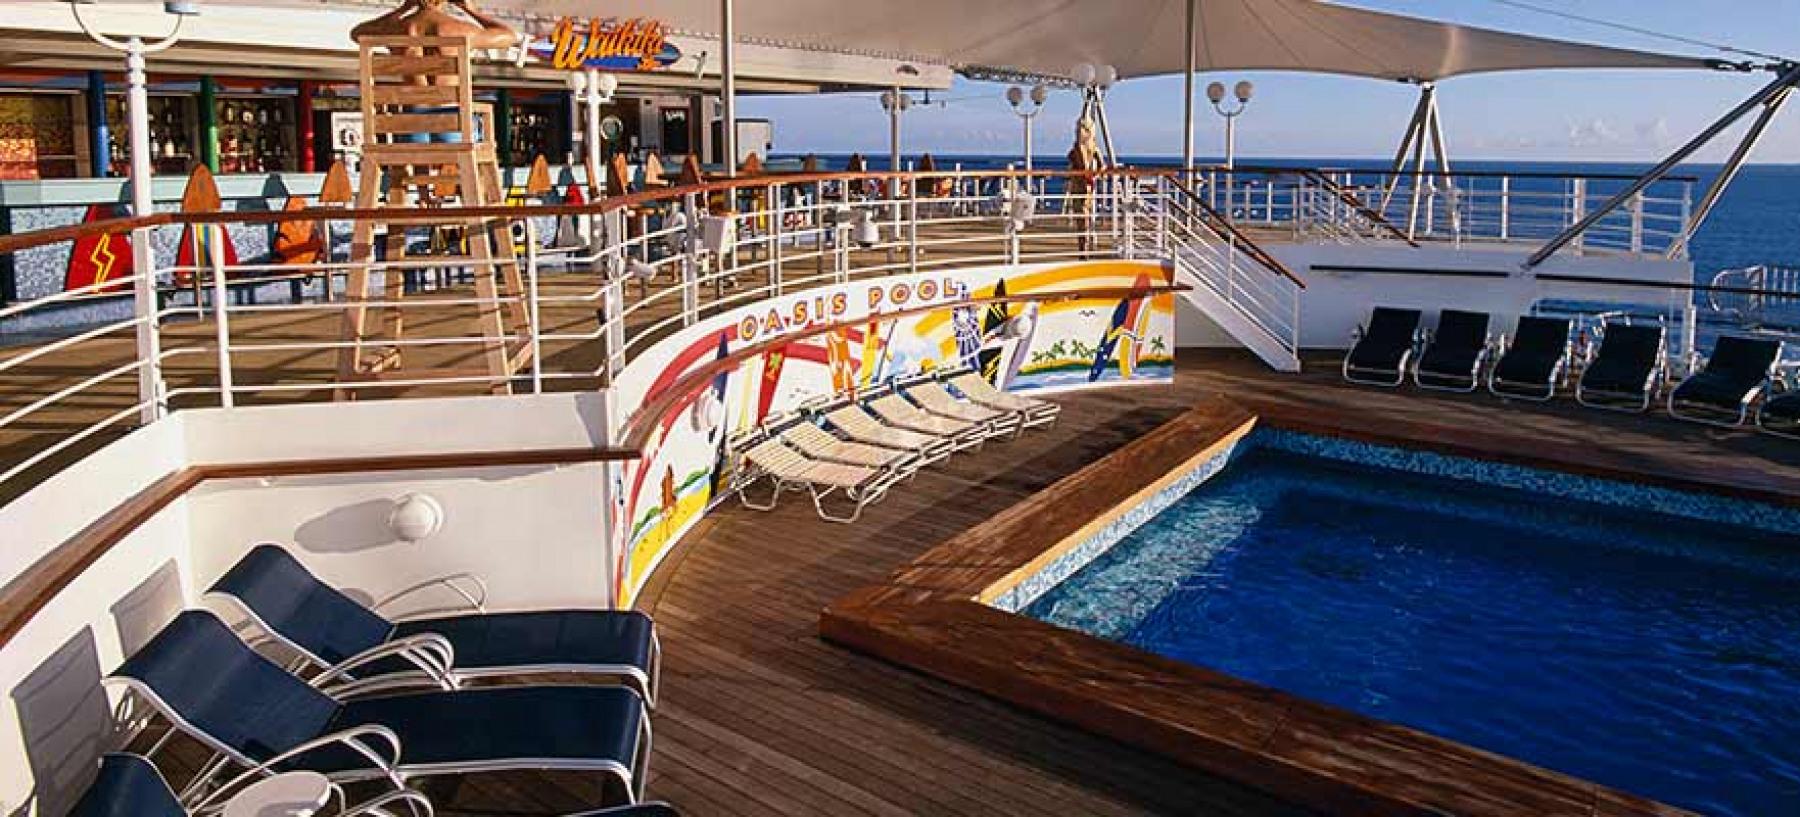 Norwegian Cruise Line Pride of America Exterior oasis pool.jpg